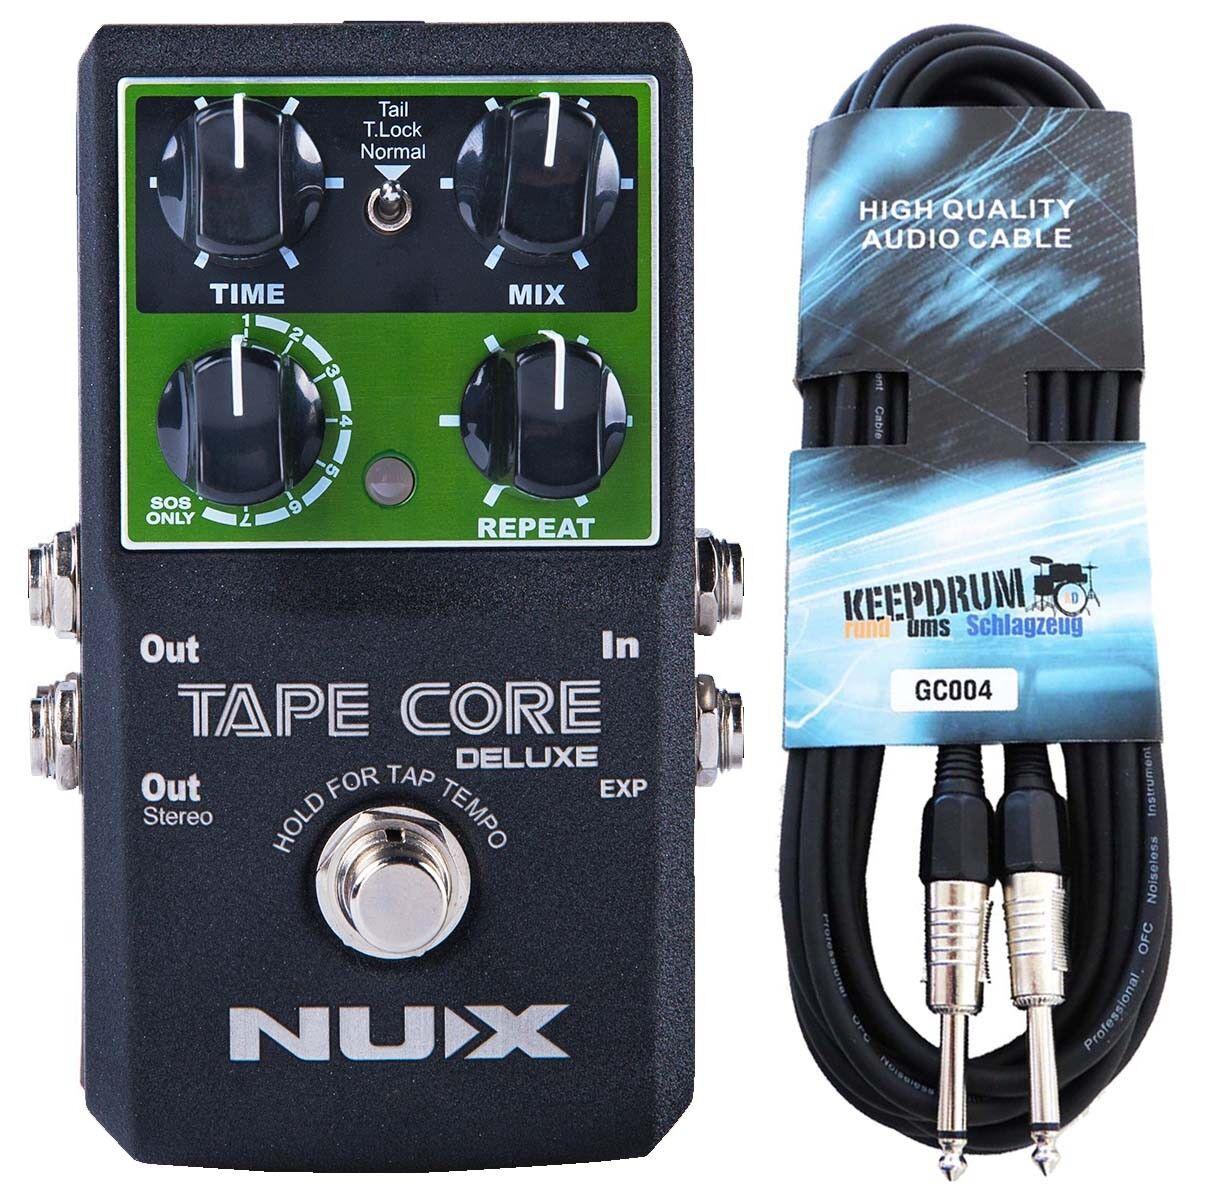 Unidad De De De Efectos Nux cinta Core Deluxe Pedal De Delay + keepdrum Guitar Cable 6 M  buen precio